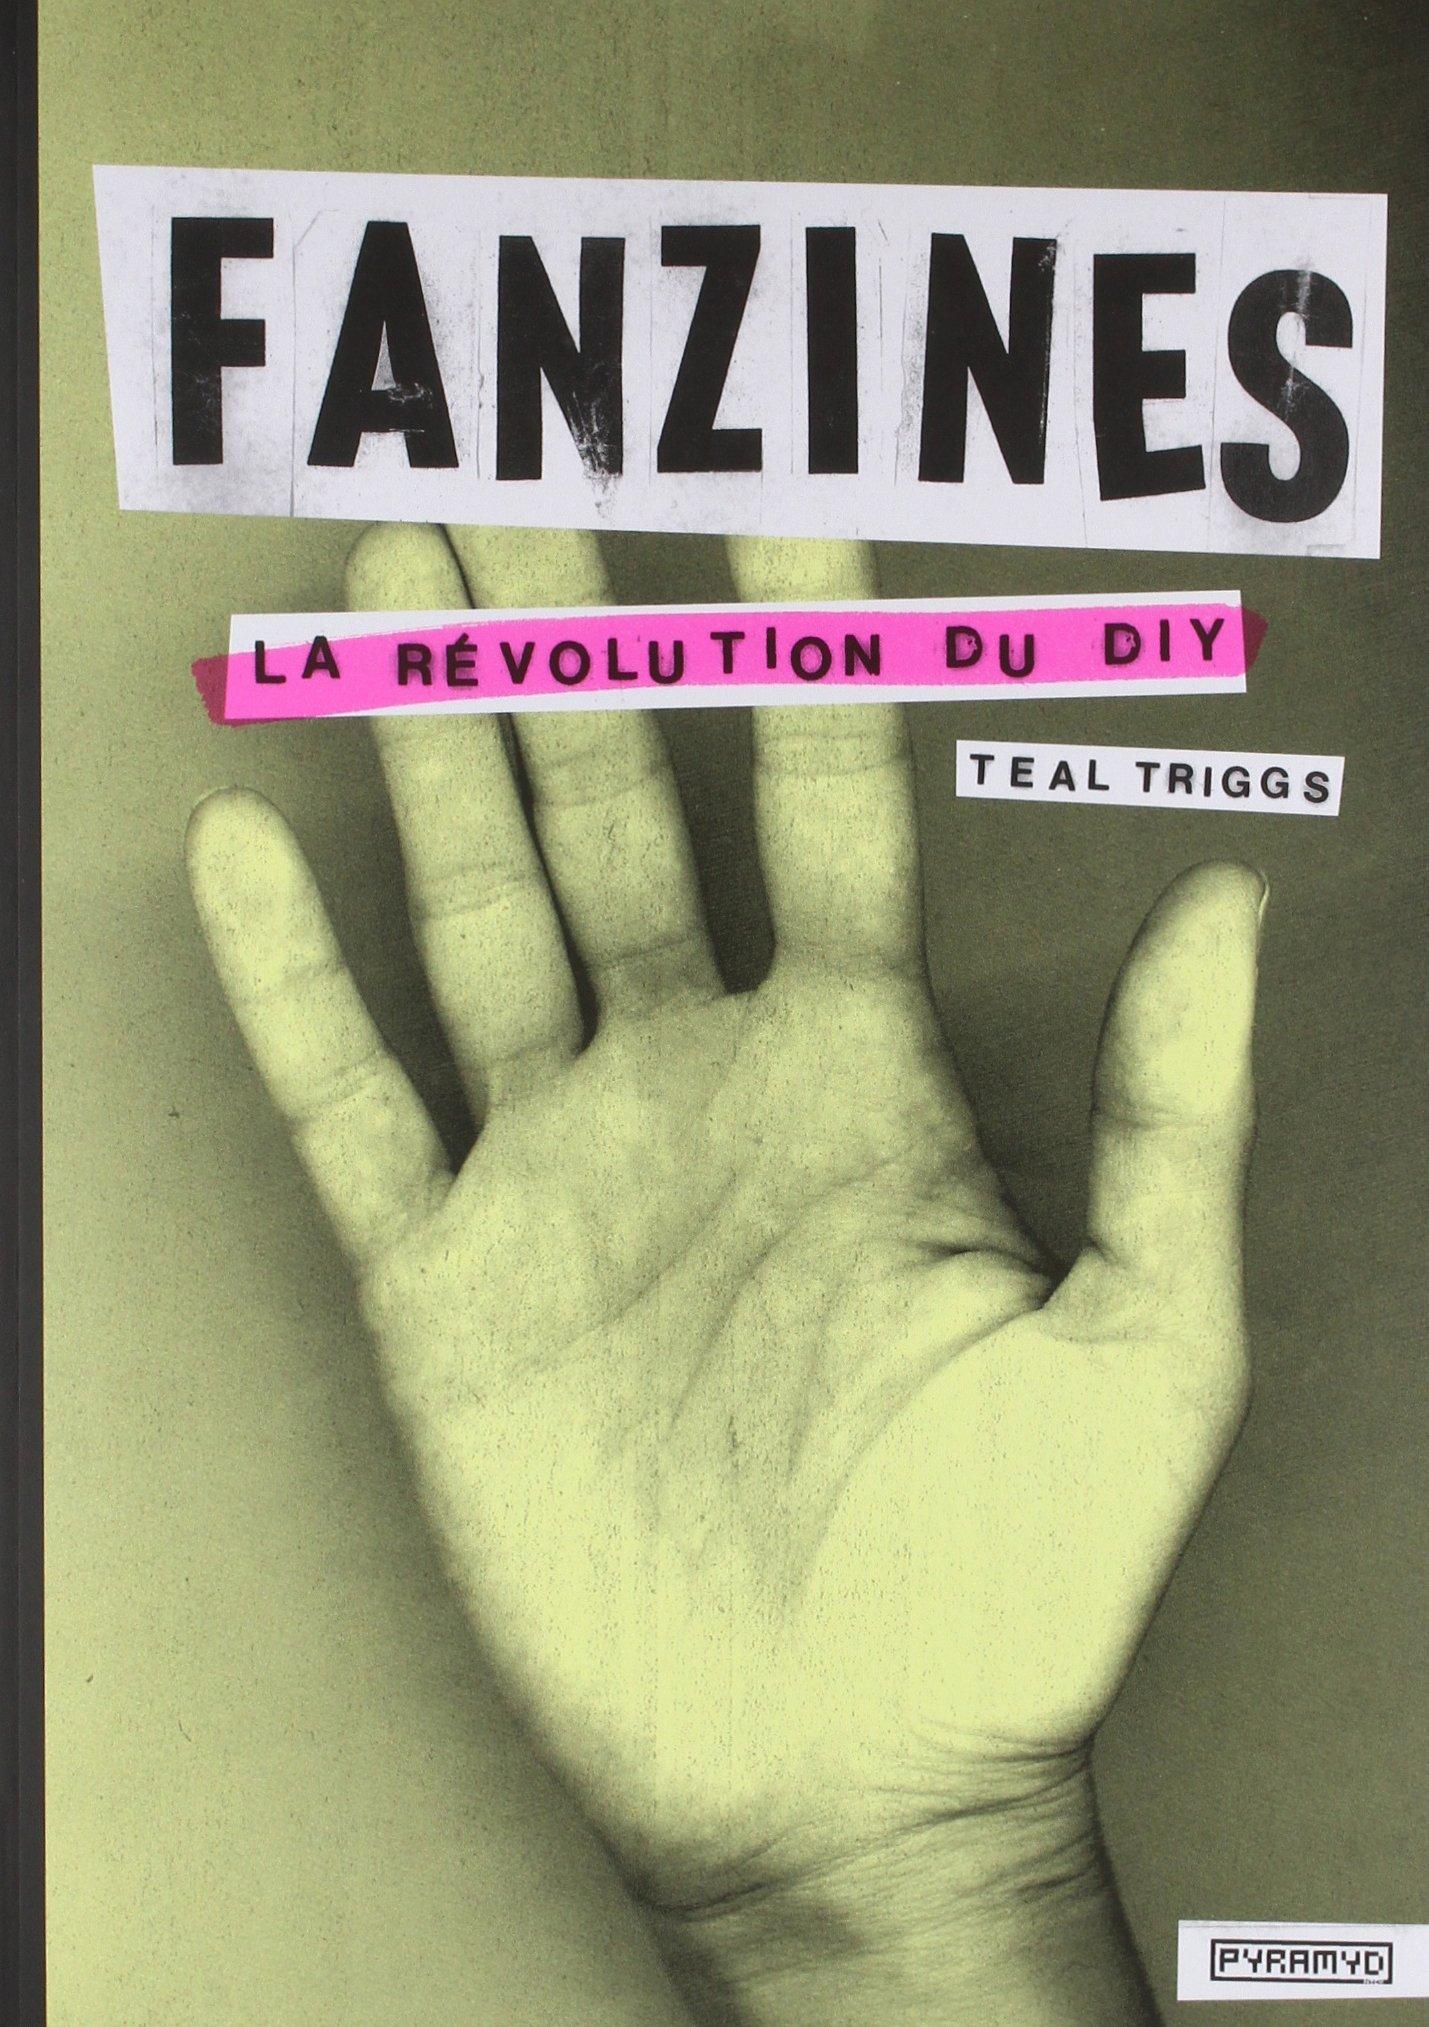 Fanzines. La révolution du DIY Broché – 1 janvier 2010 Teal Triggs Pyramyd 2350172147 TL2350172147